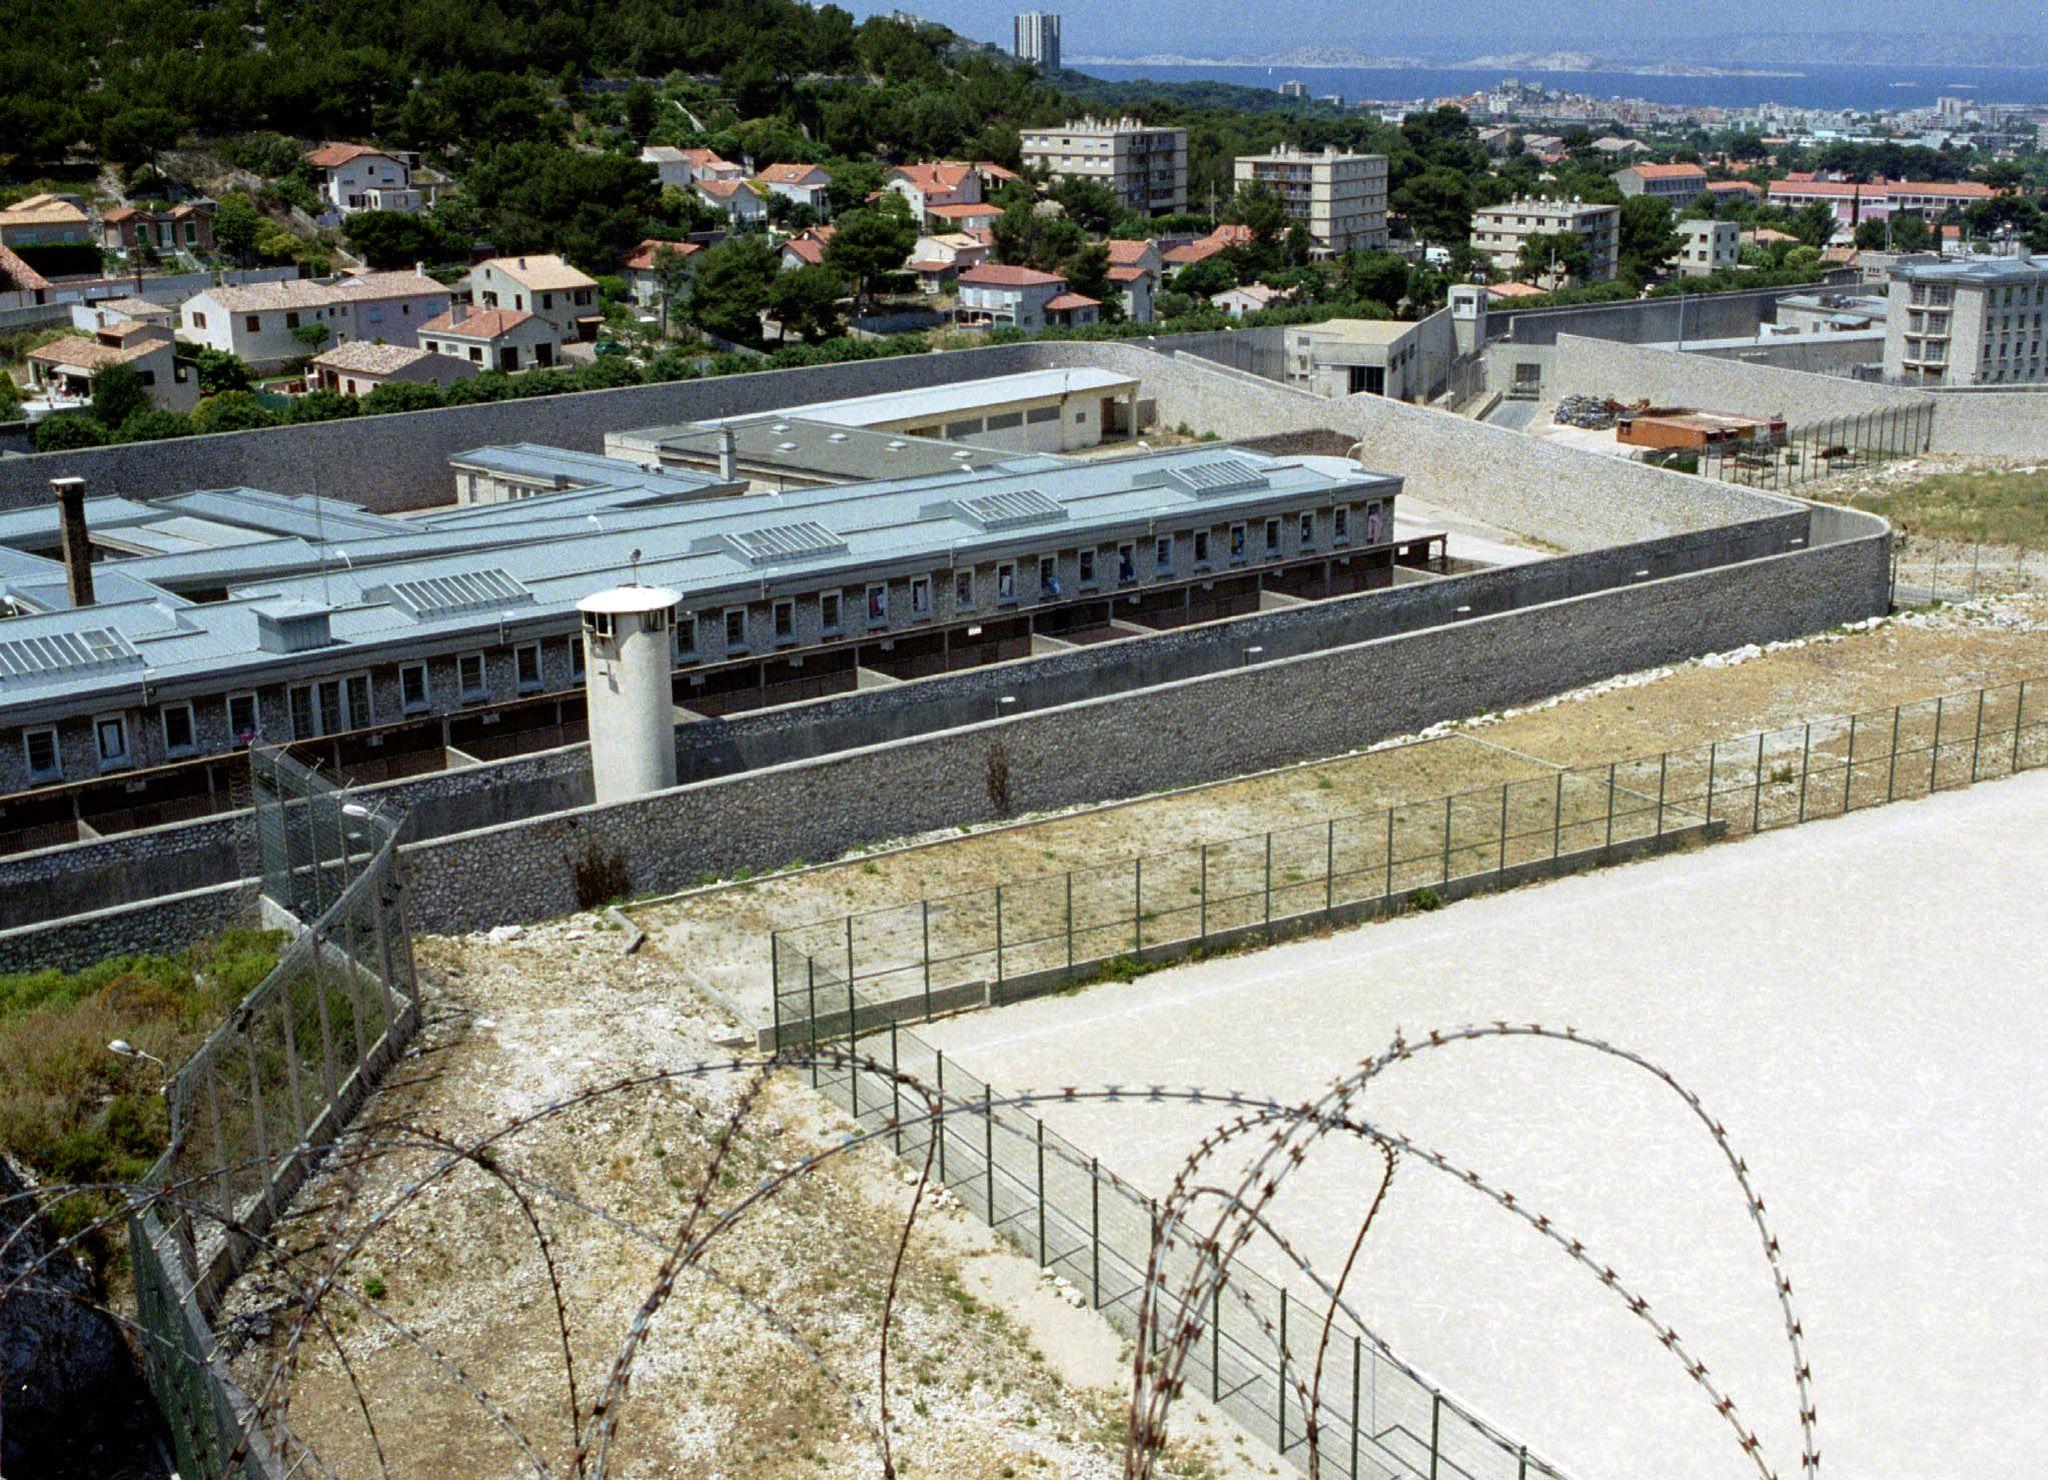 La directrice des Baumettes détenue trois heures par un prisonnier désespéré